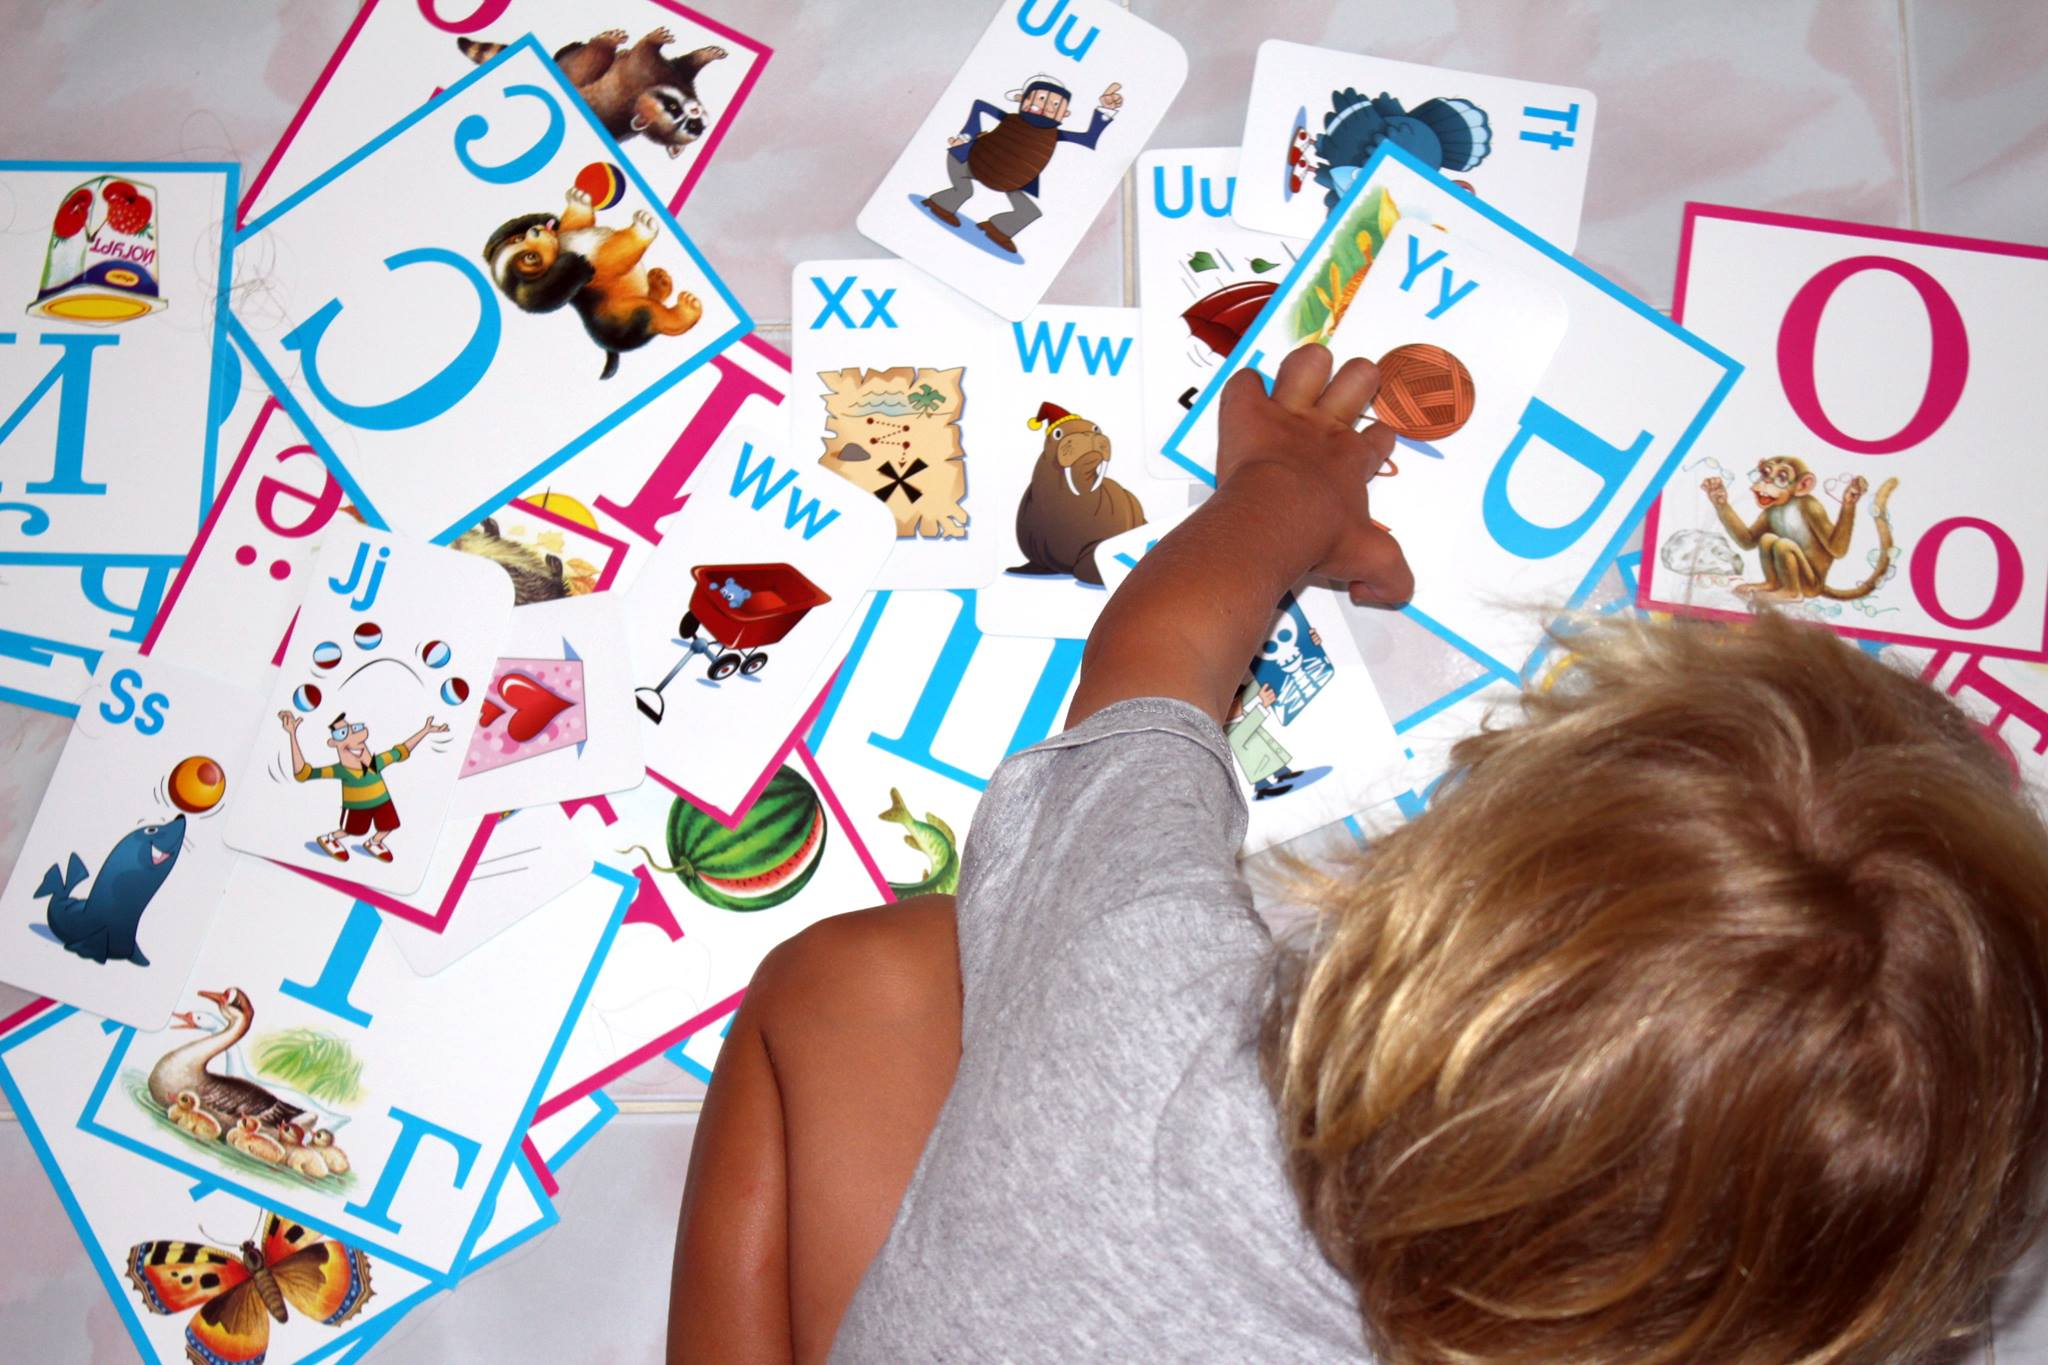 Многоязычность в семье, как это влияет на развитие речи ребёнка?